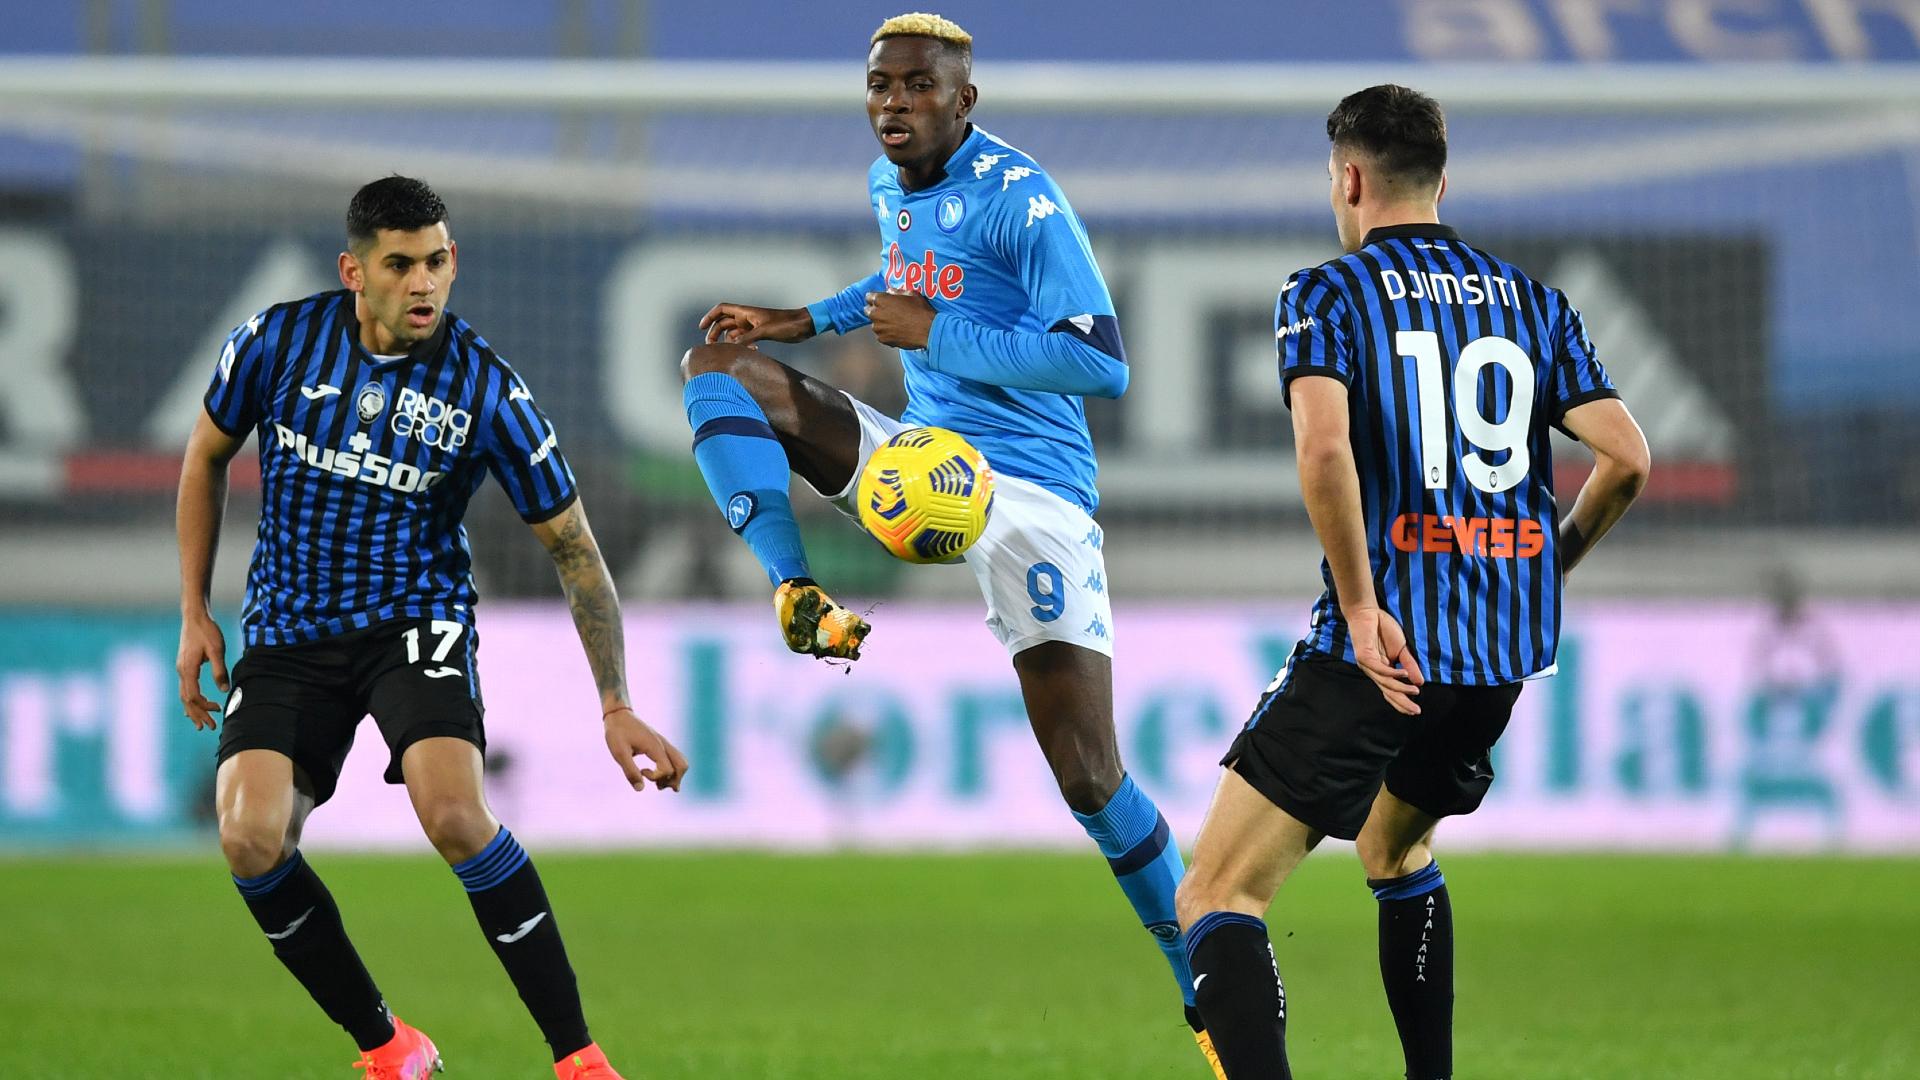 Osimhen dimesso, in serata torna a Napoli: non ricorda nulla dell'incidente